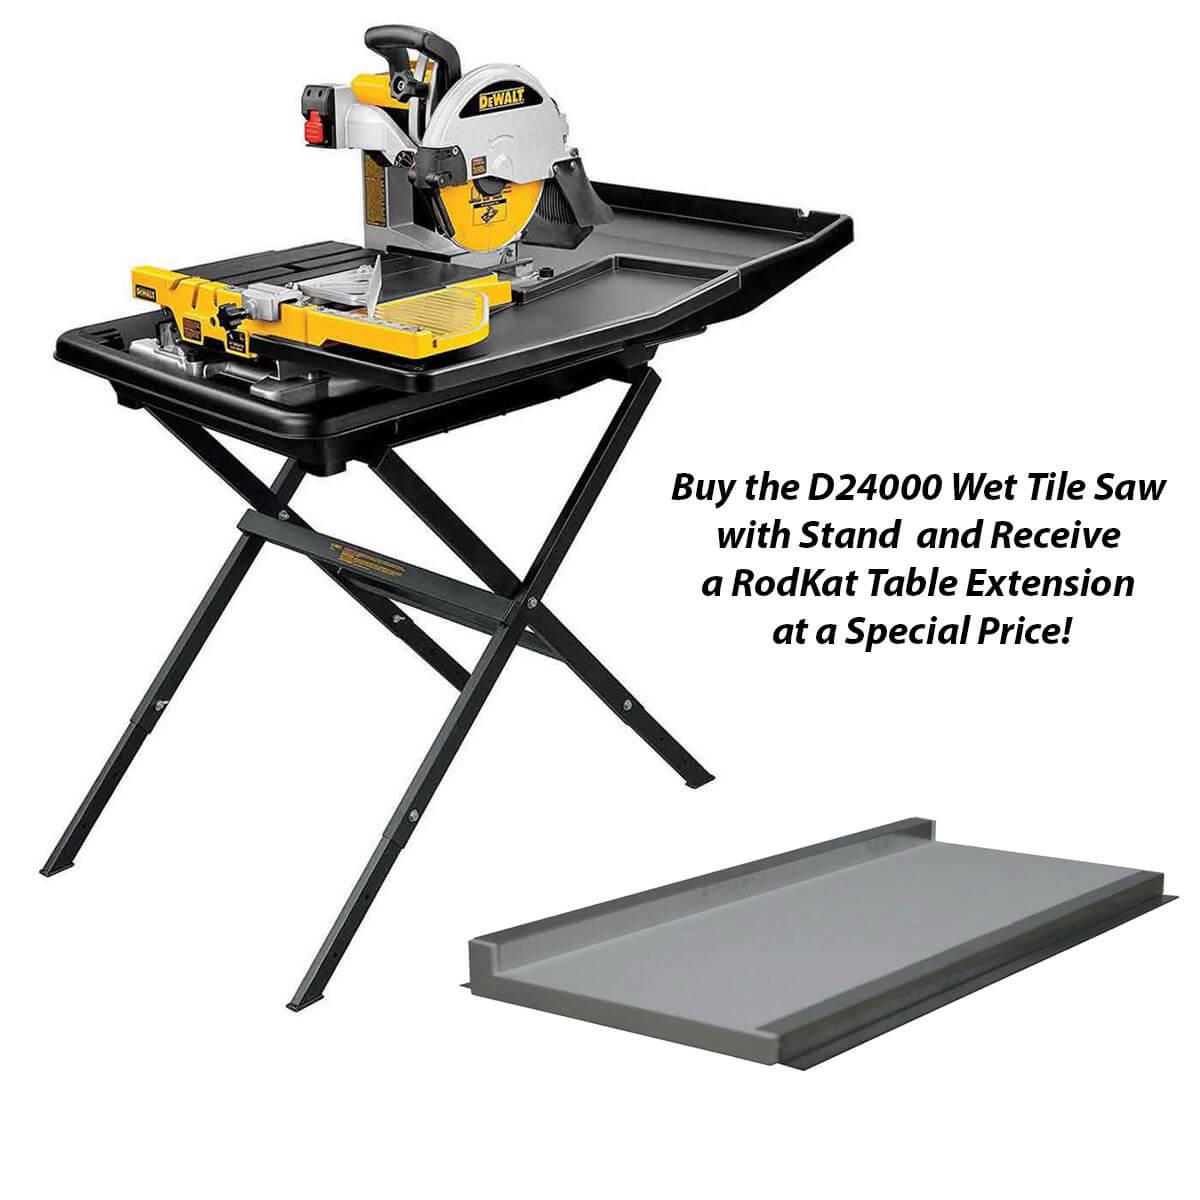 6036ext dewalt d24000 wet tile saw with rodkat table extension